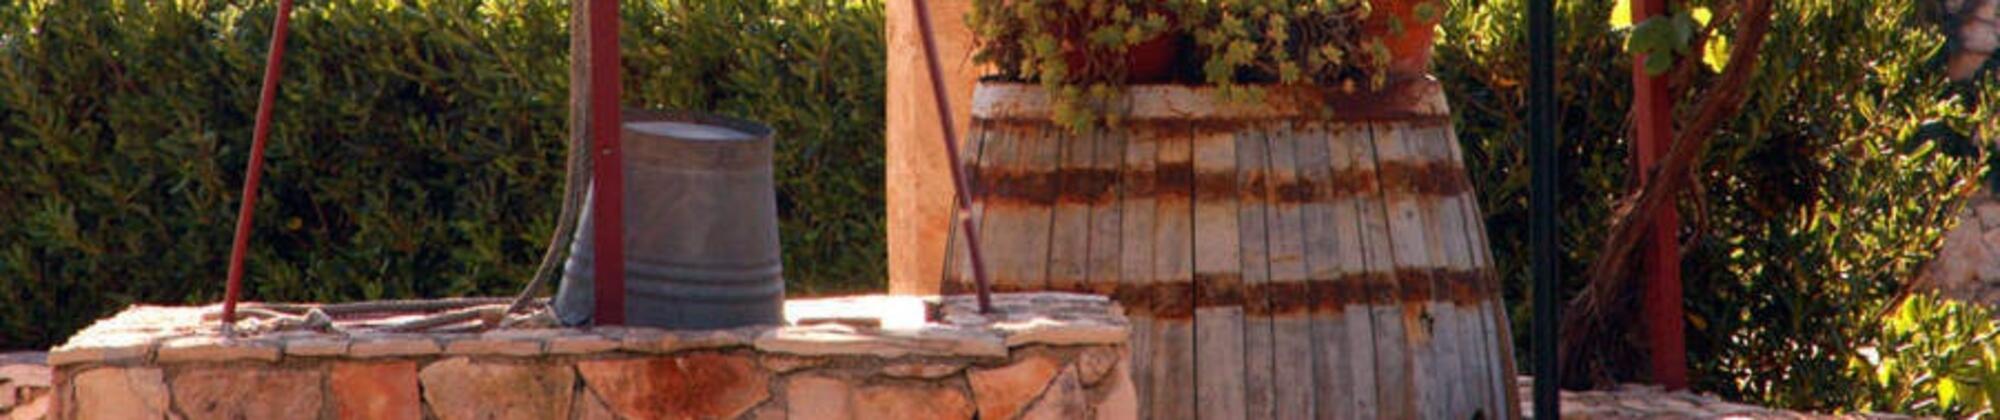 Dove andare in vacanza in Salento? Scopri le masserie